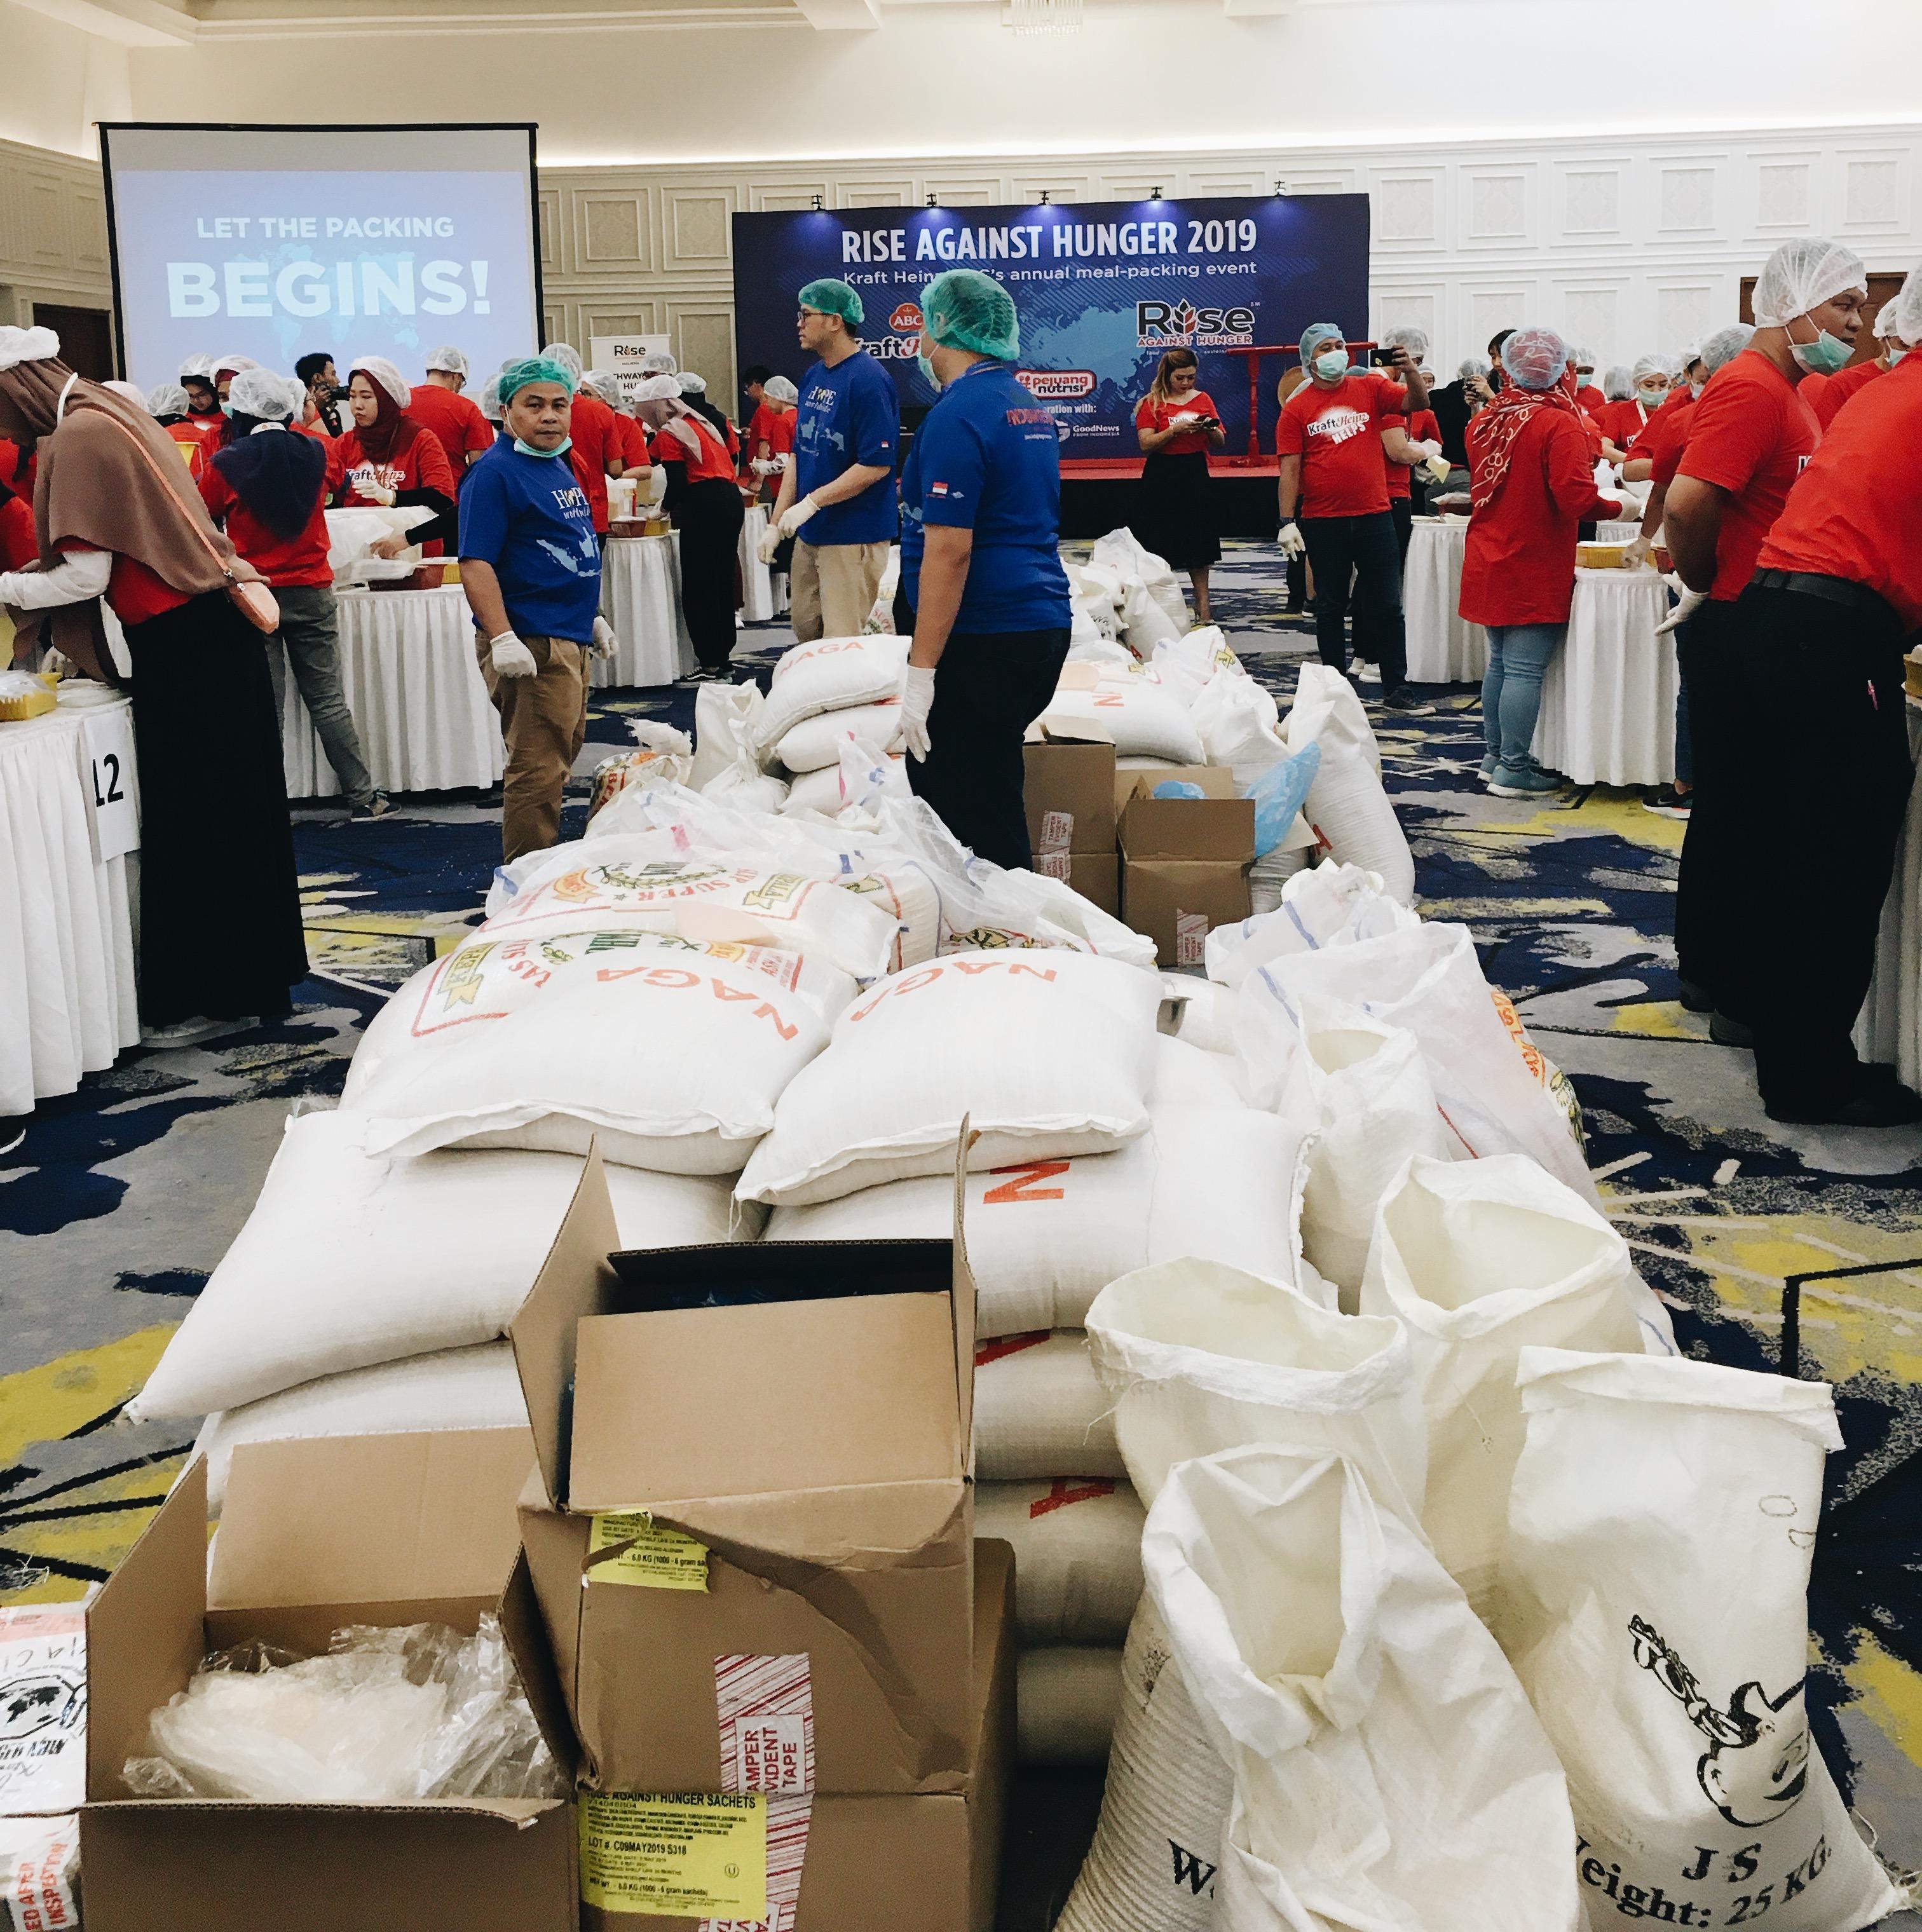 makanan-makanan bergizi yang siap dikemas oleh para sukarelawan   foto : Asriyati/GNFI